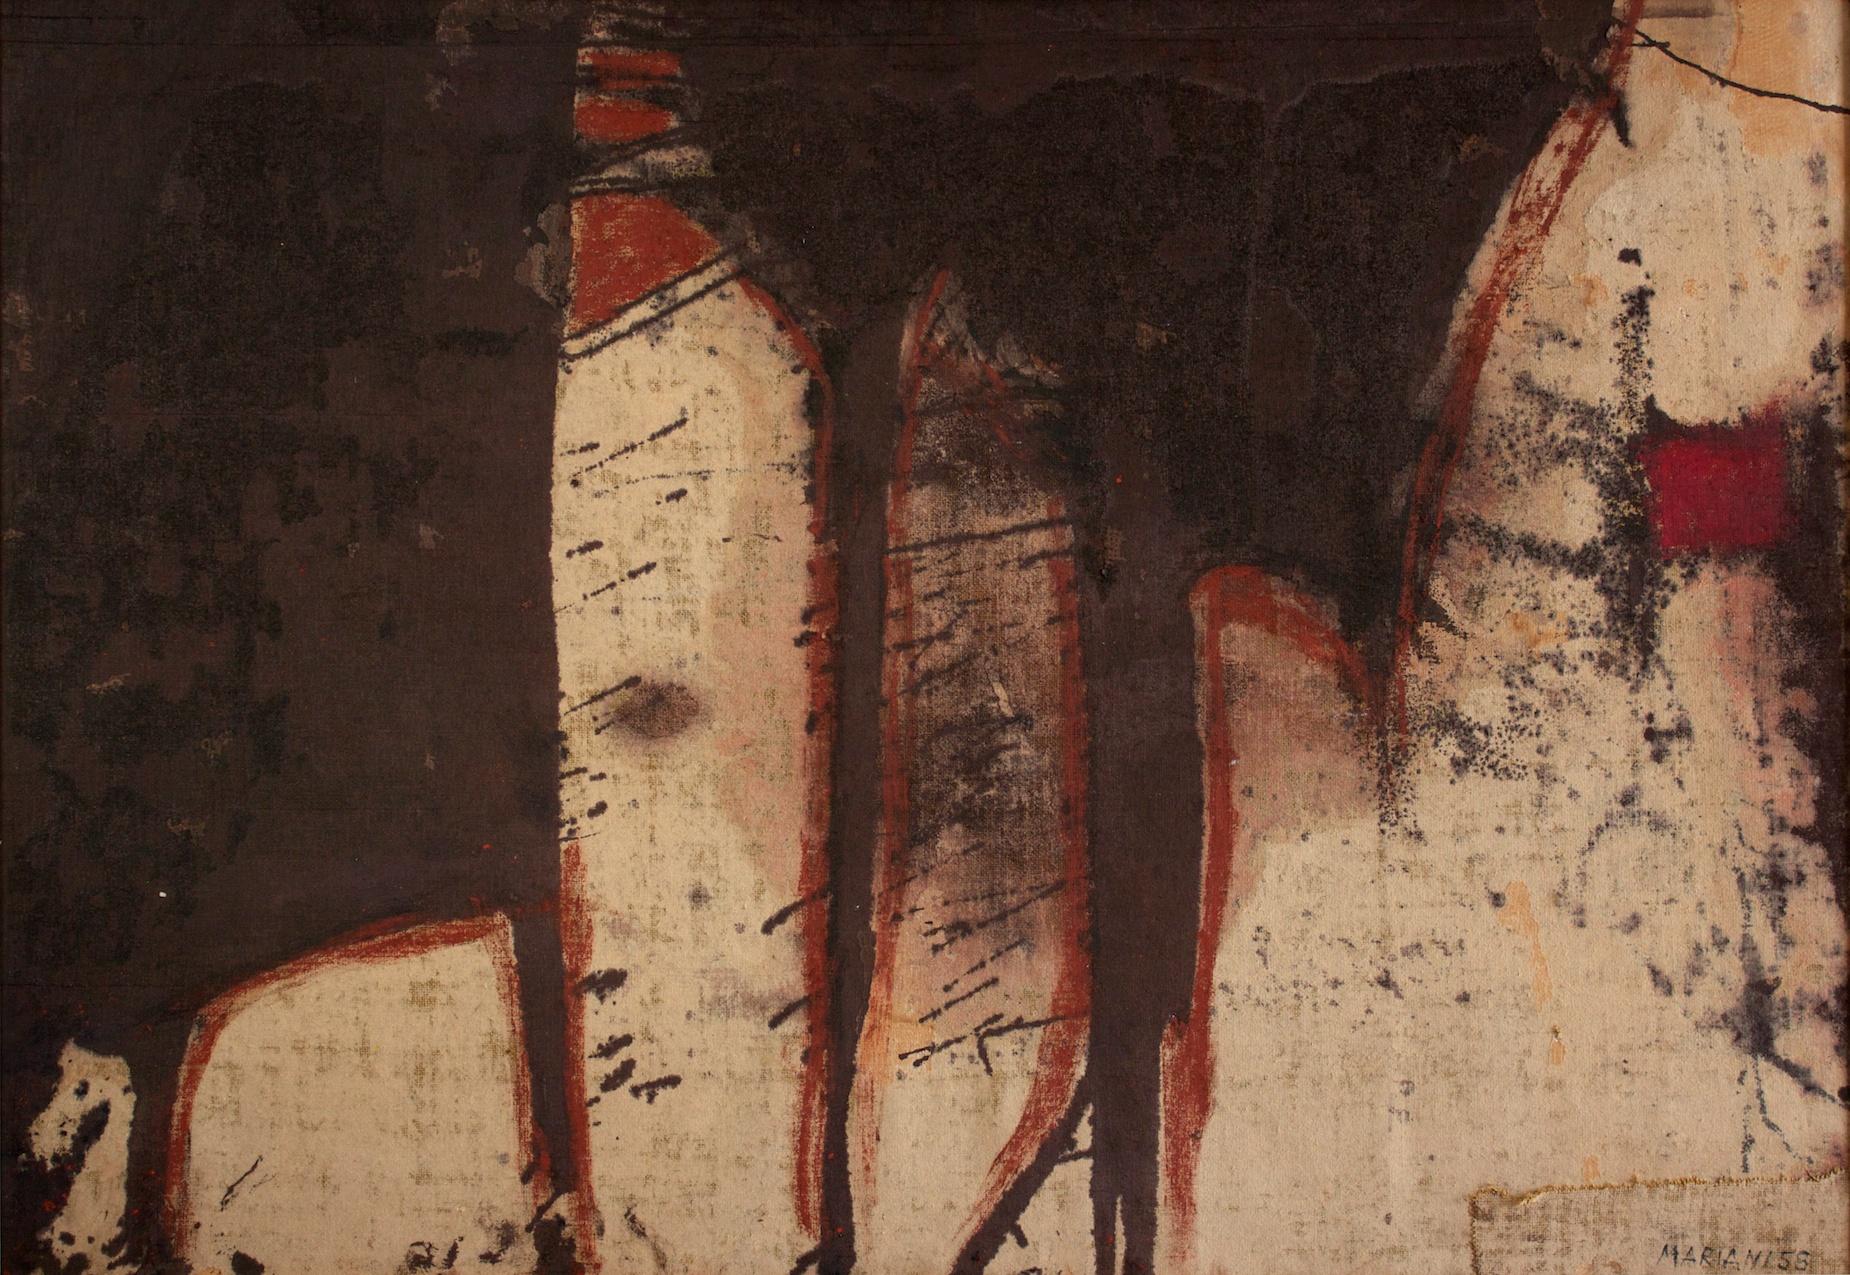 Senza Titolo / Untitled. 1958